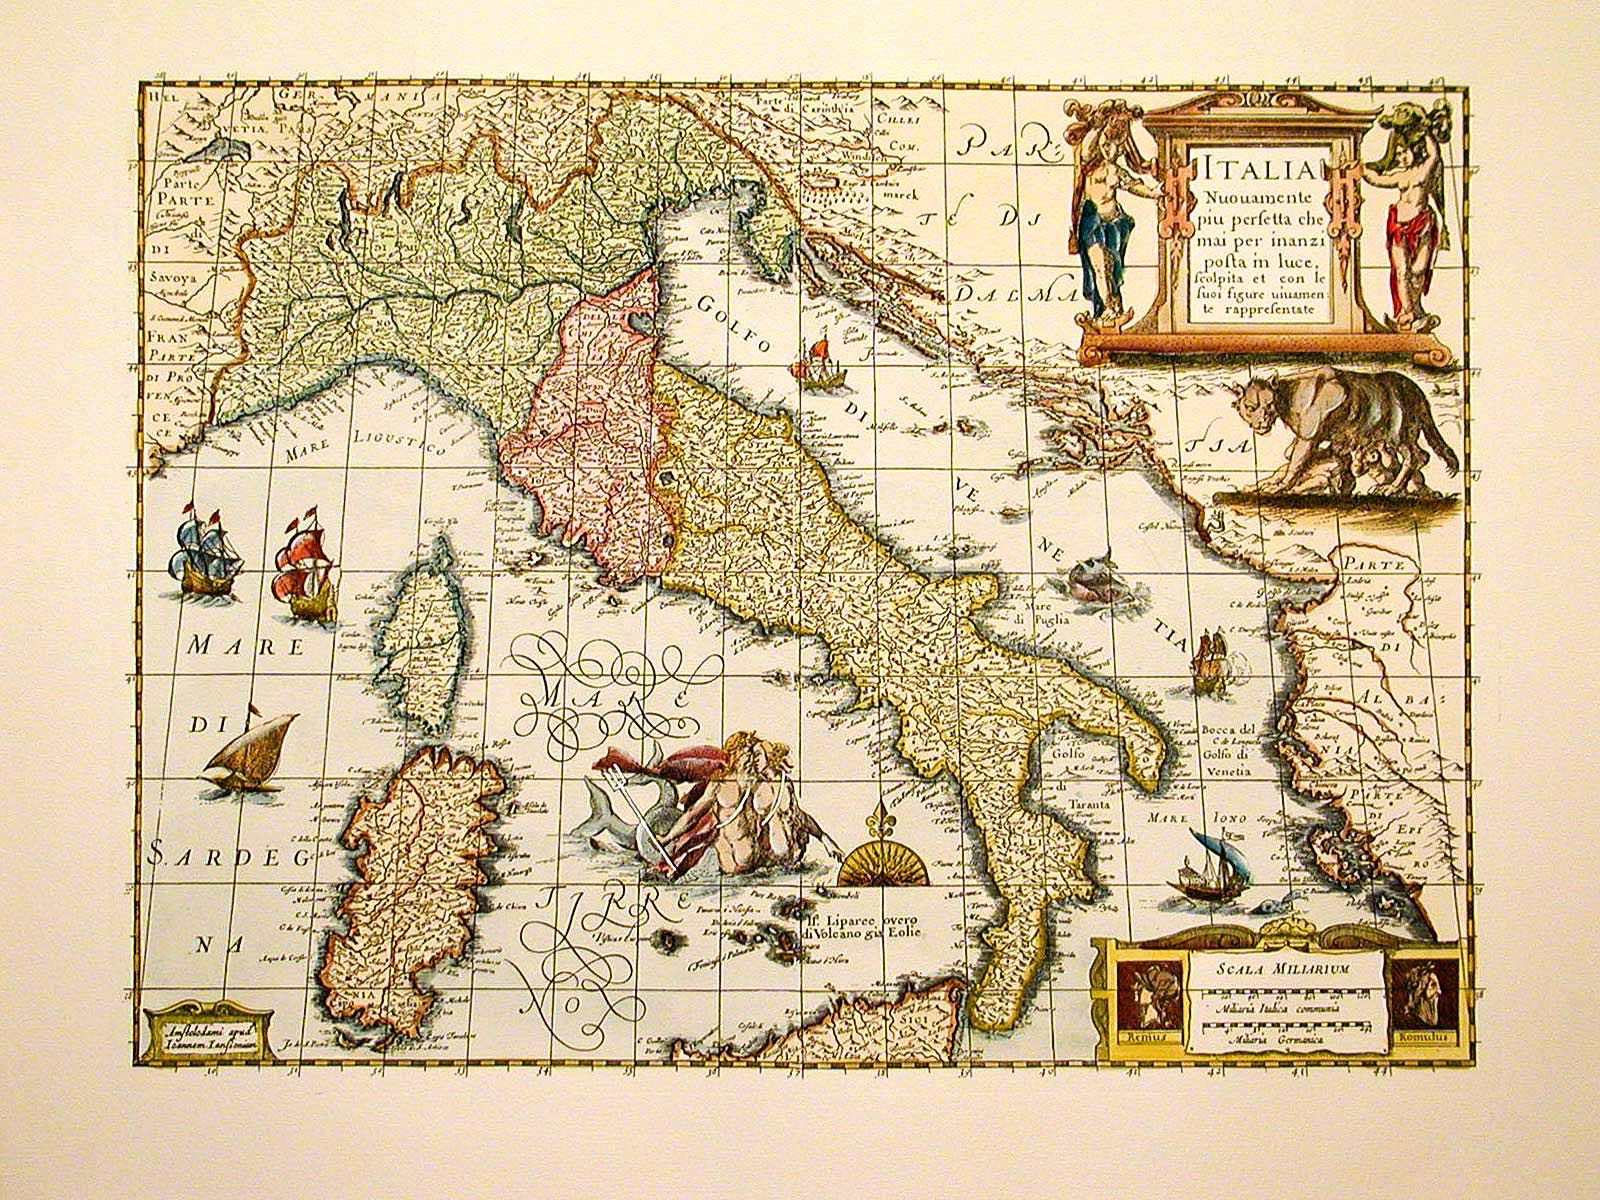 L'immagine rappresenta un'antica cartina dell'Italia